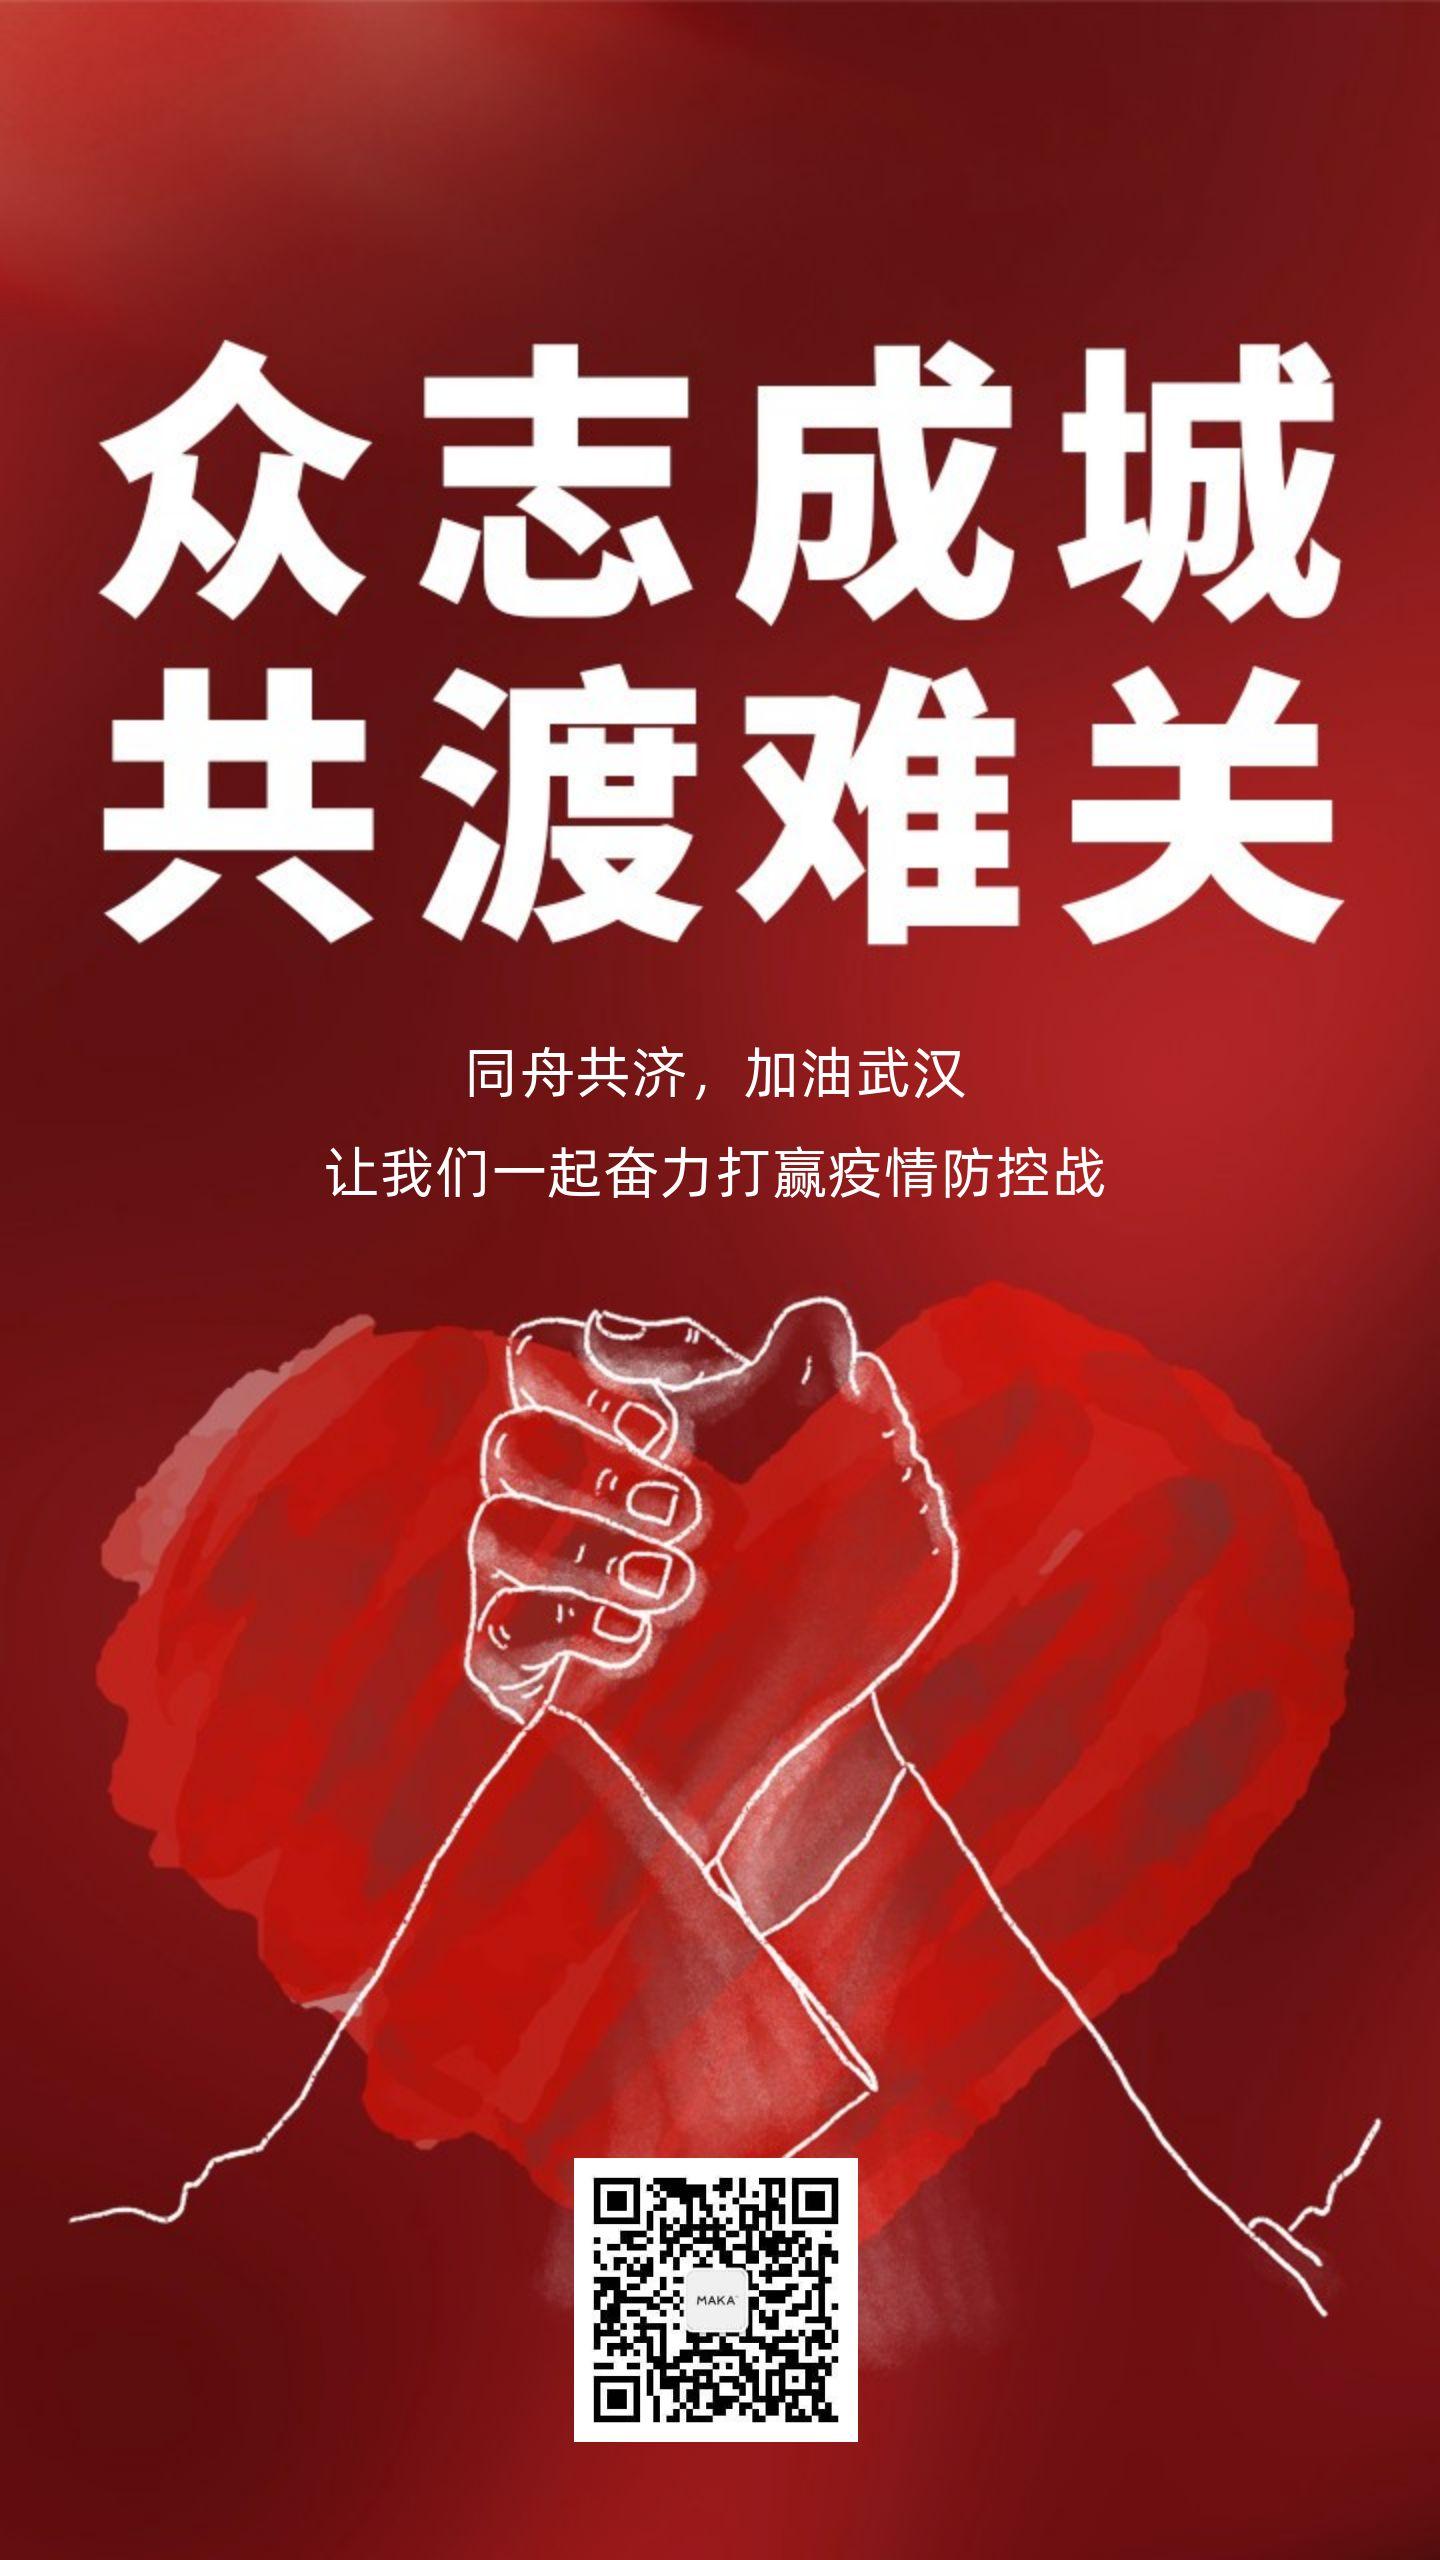 疫情防范众志成城预防新型肺炎冠状病毒扁平简约健康宣传海报